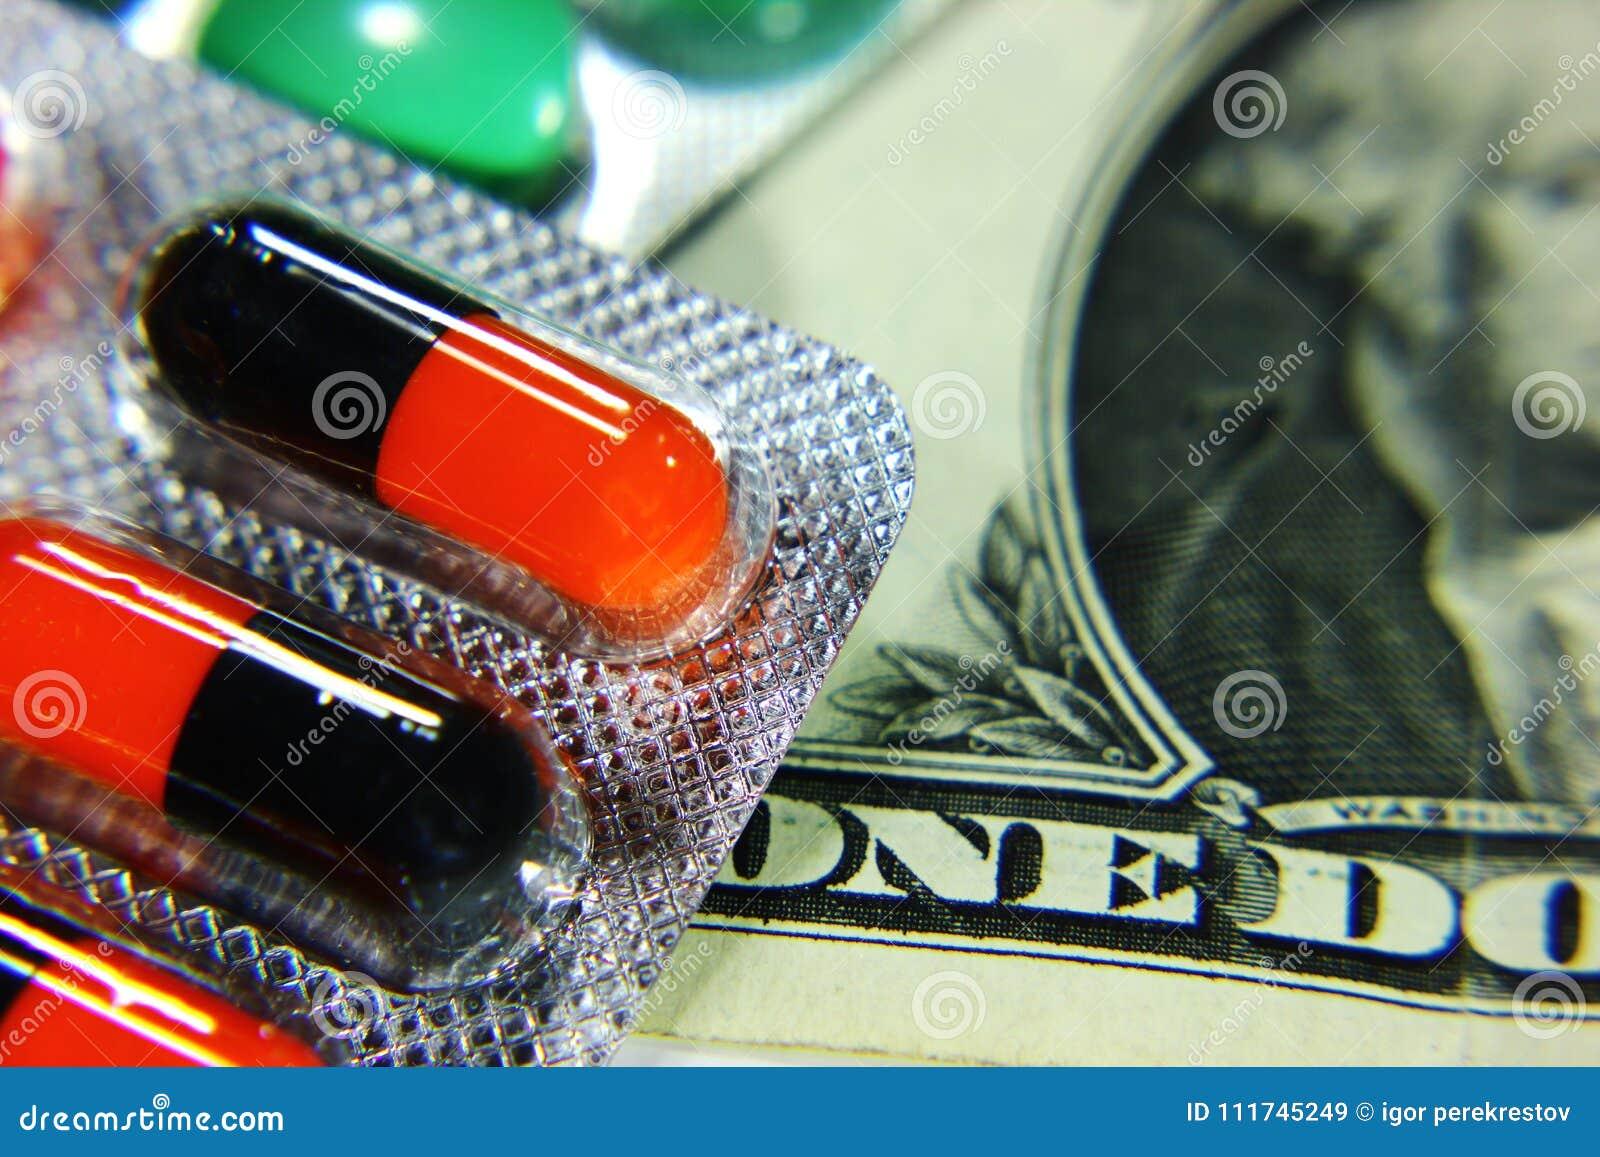 Dolar, wydatek na zdrowie lub pomoc finansowa,